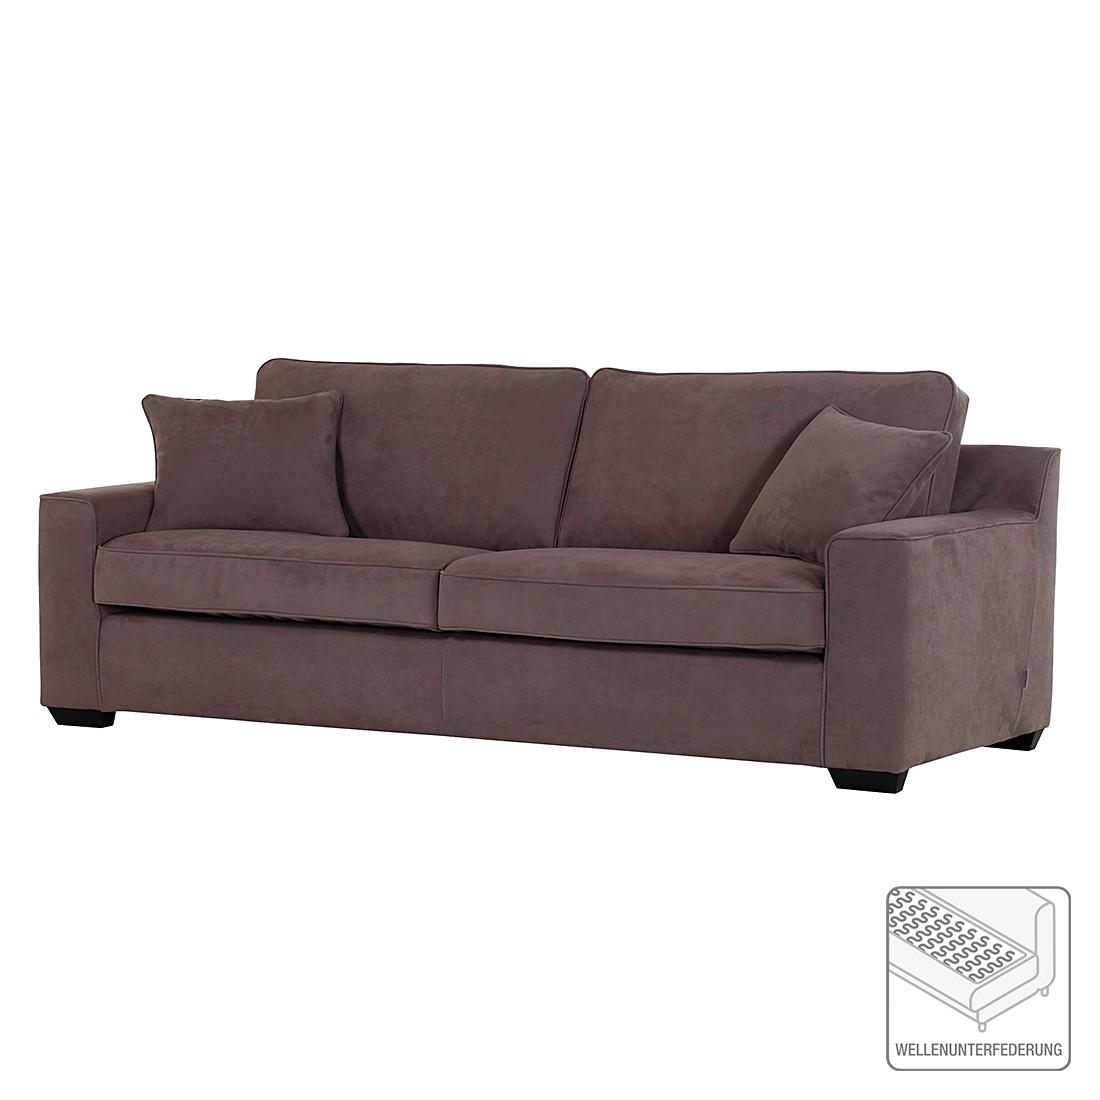 Sofa Gamba (2-Sitzer) – Microfaser, roomscape günstig bestellen